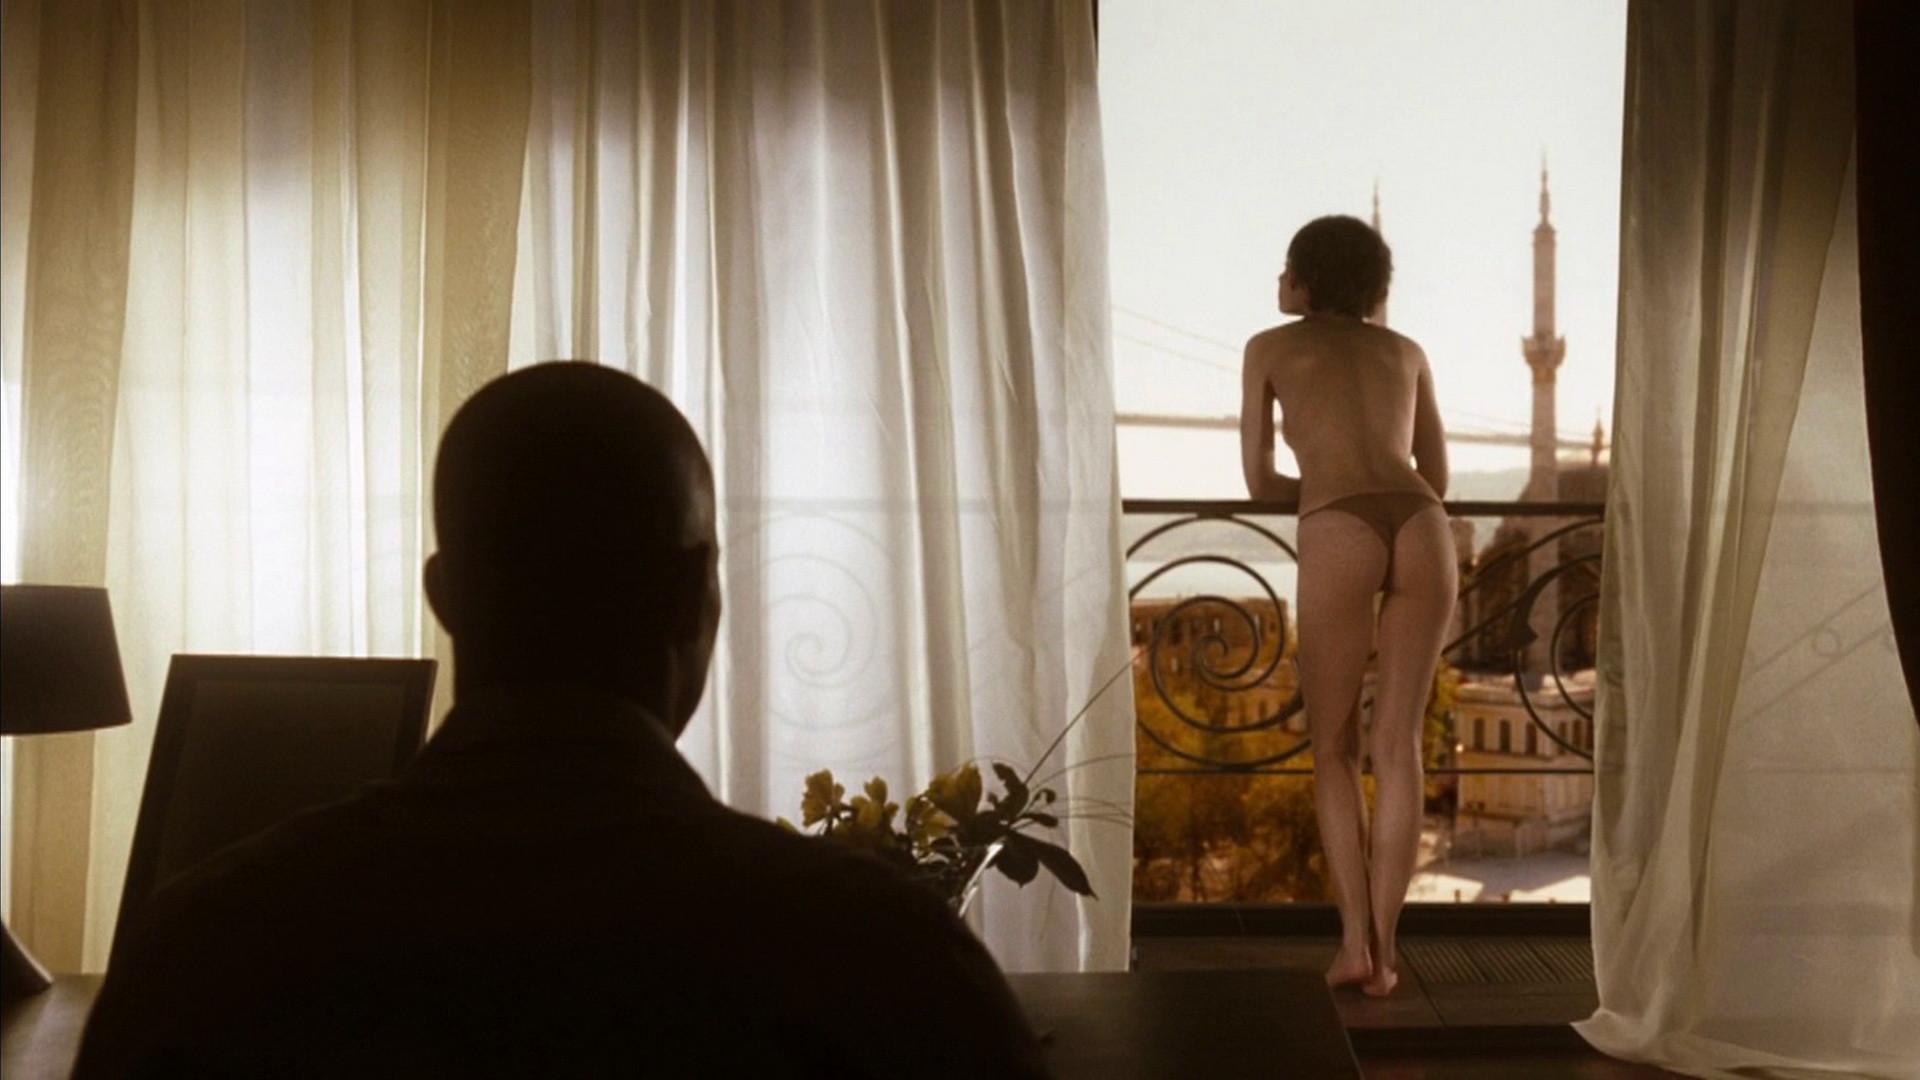 Quantum of solace nude scene